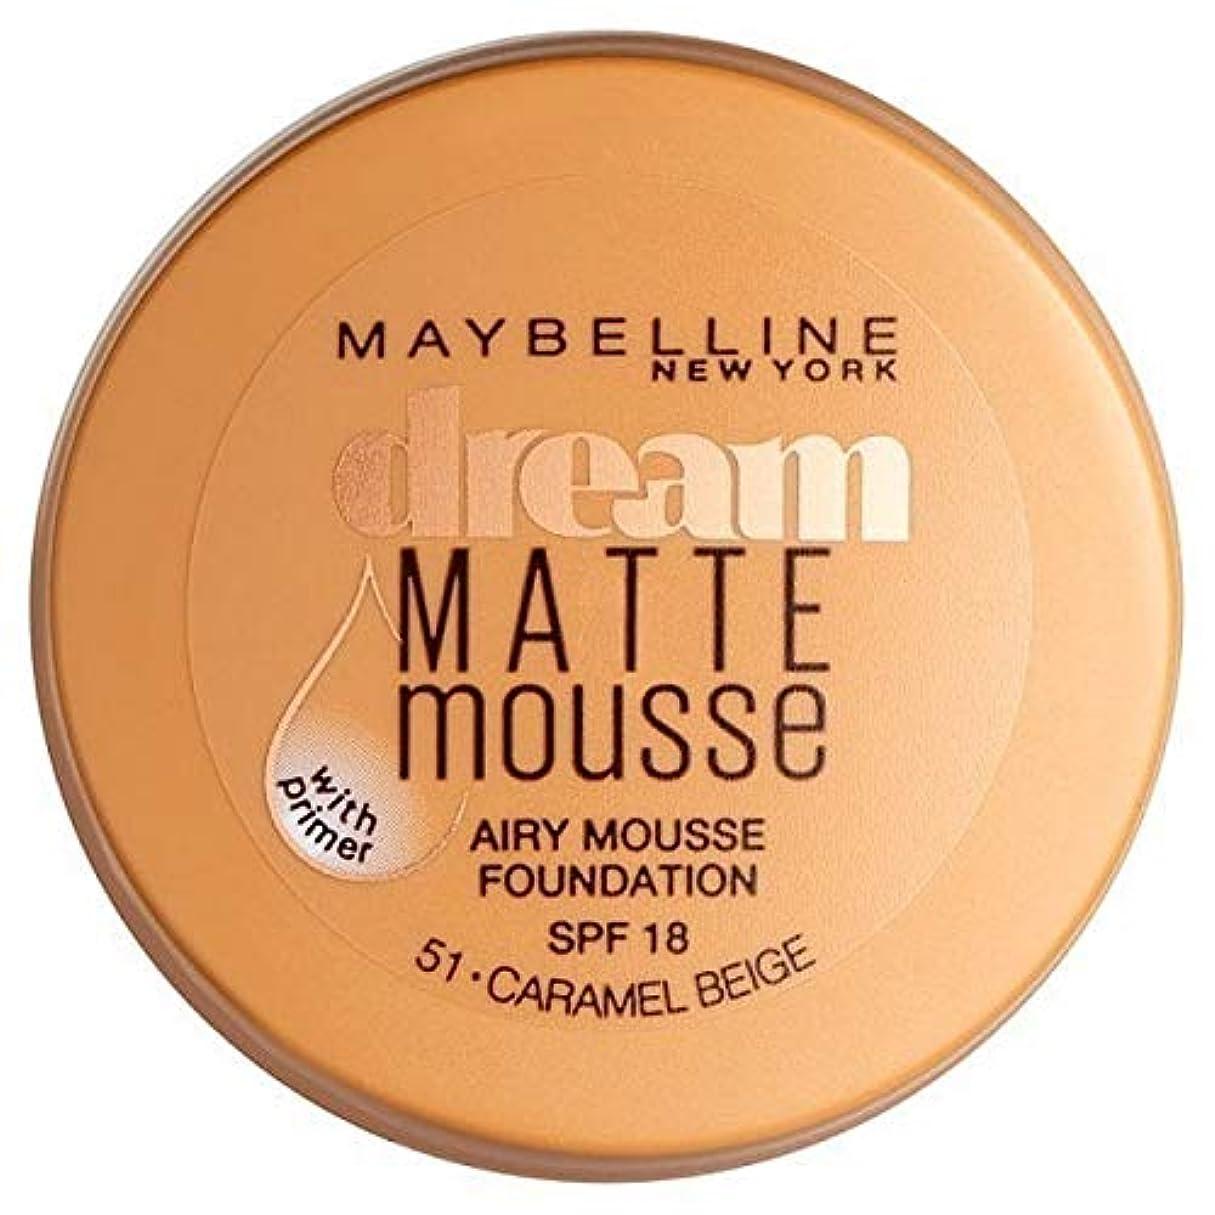 試み必要ない覚えている[Maybelline ] メイベリン夢のマットムース基盤051キャラメルベージュ - Maybelline Dream Matte Mousse Foundation 051 Caramel Beige [並行輸入品]